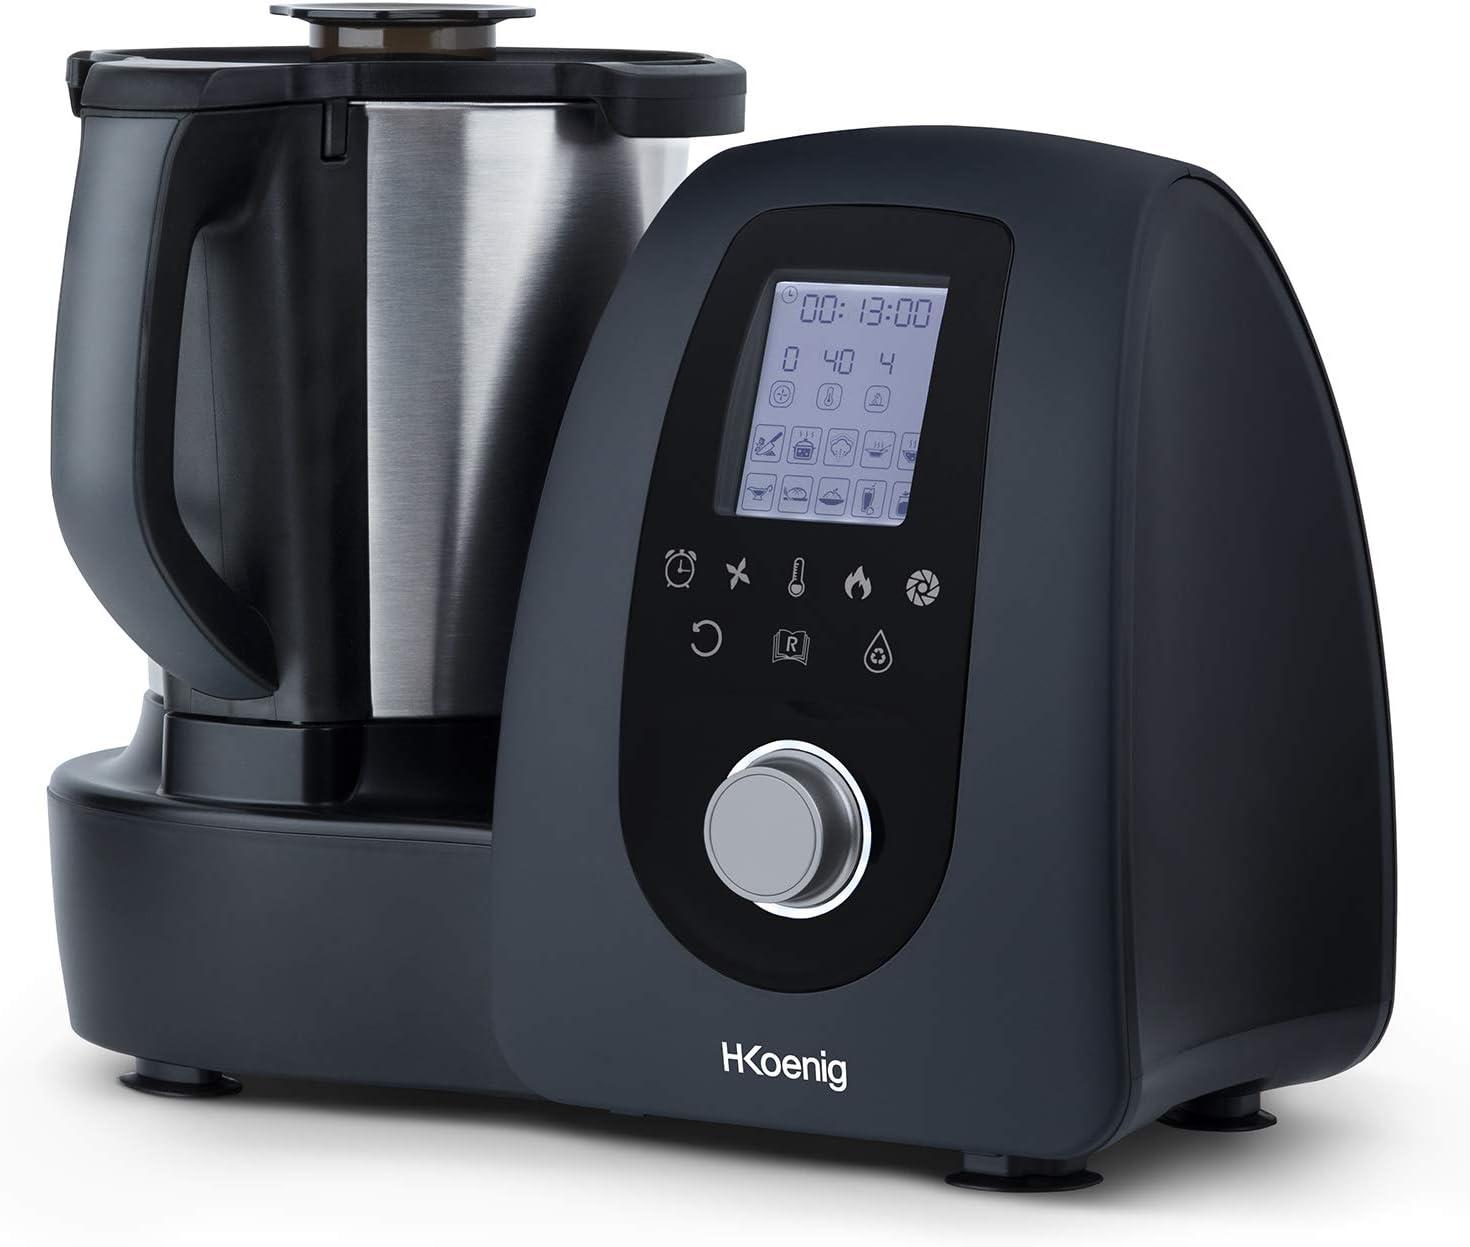 H.Koenig HK8 Robot de Cocina Multifunción, Robot Inteligente Profesional, Potencia 100 W, 15 Programas de Cocinado, 10 Velocidades, Capacidad 2,5 L, Temperatura Regulable hasta 120ºC, Pantalla Digital: Amazon.es: Hogar